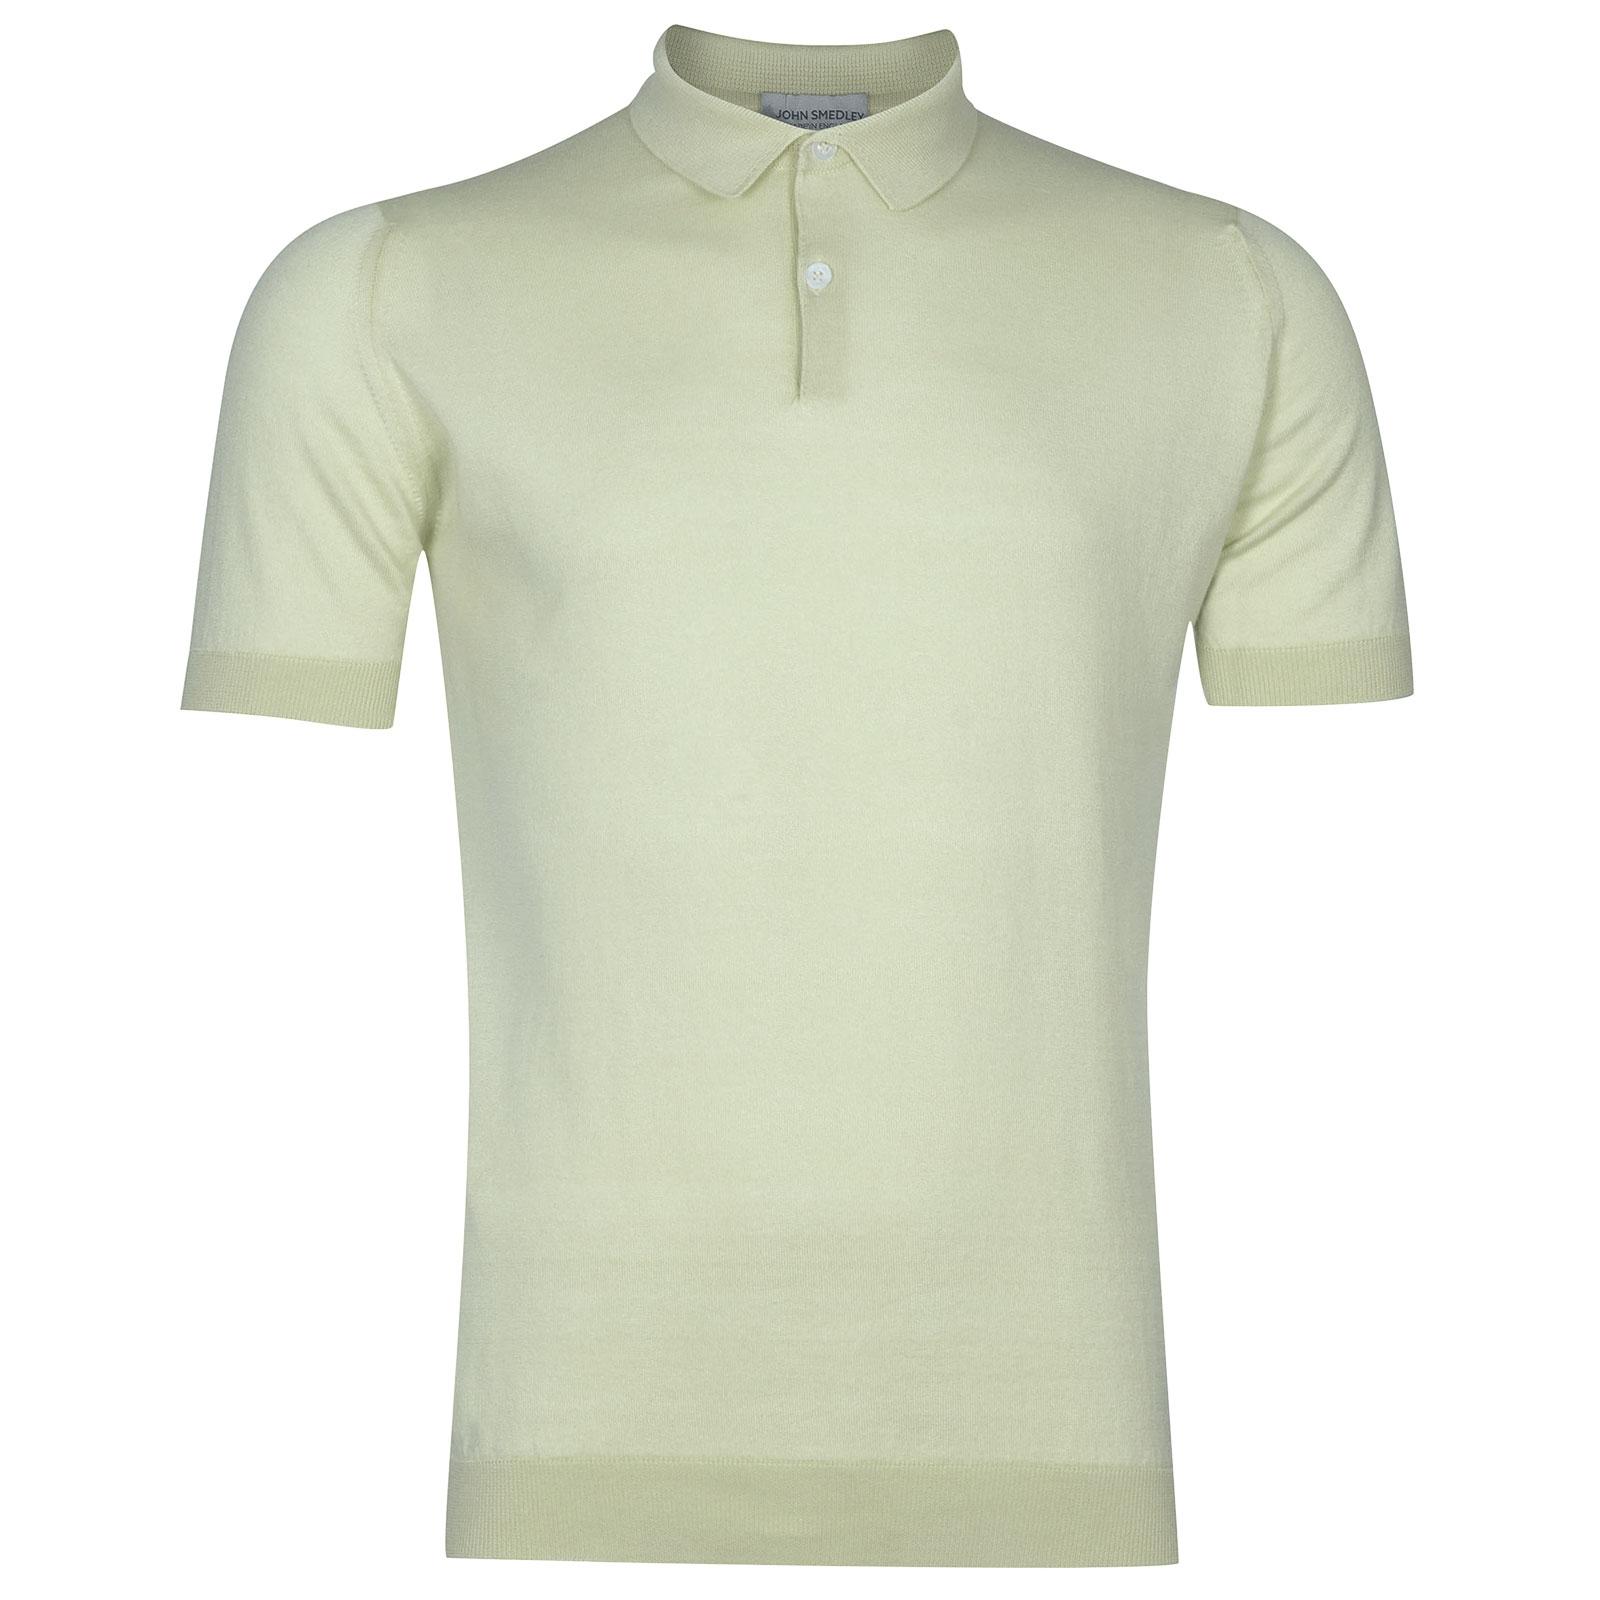 John Smedley Rhodes in Bud Green Shirt-MED